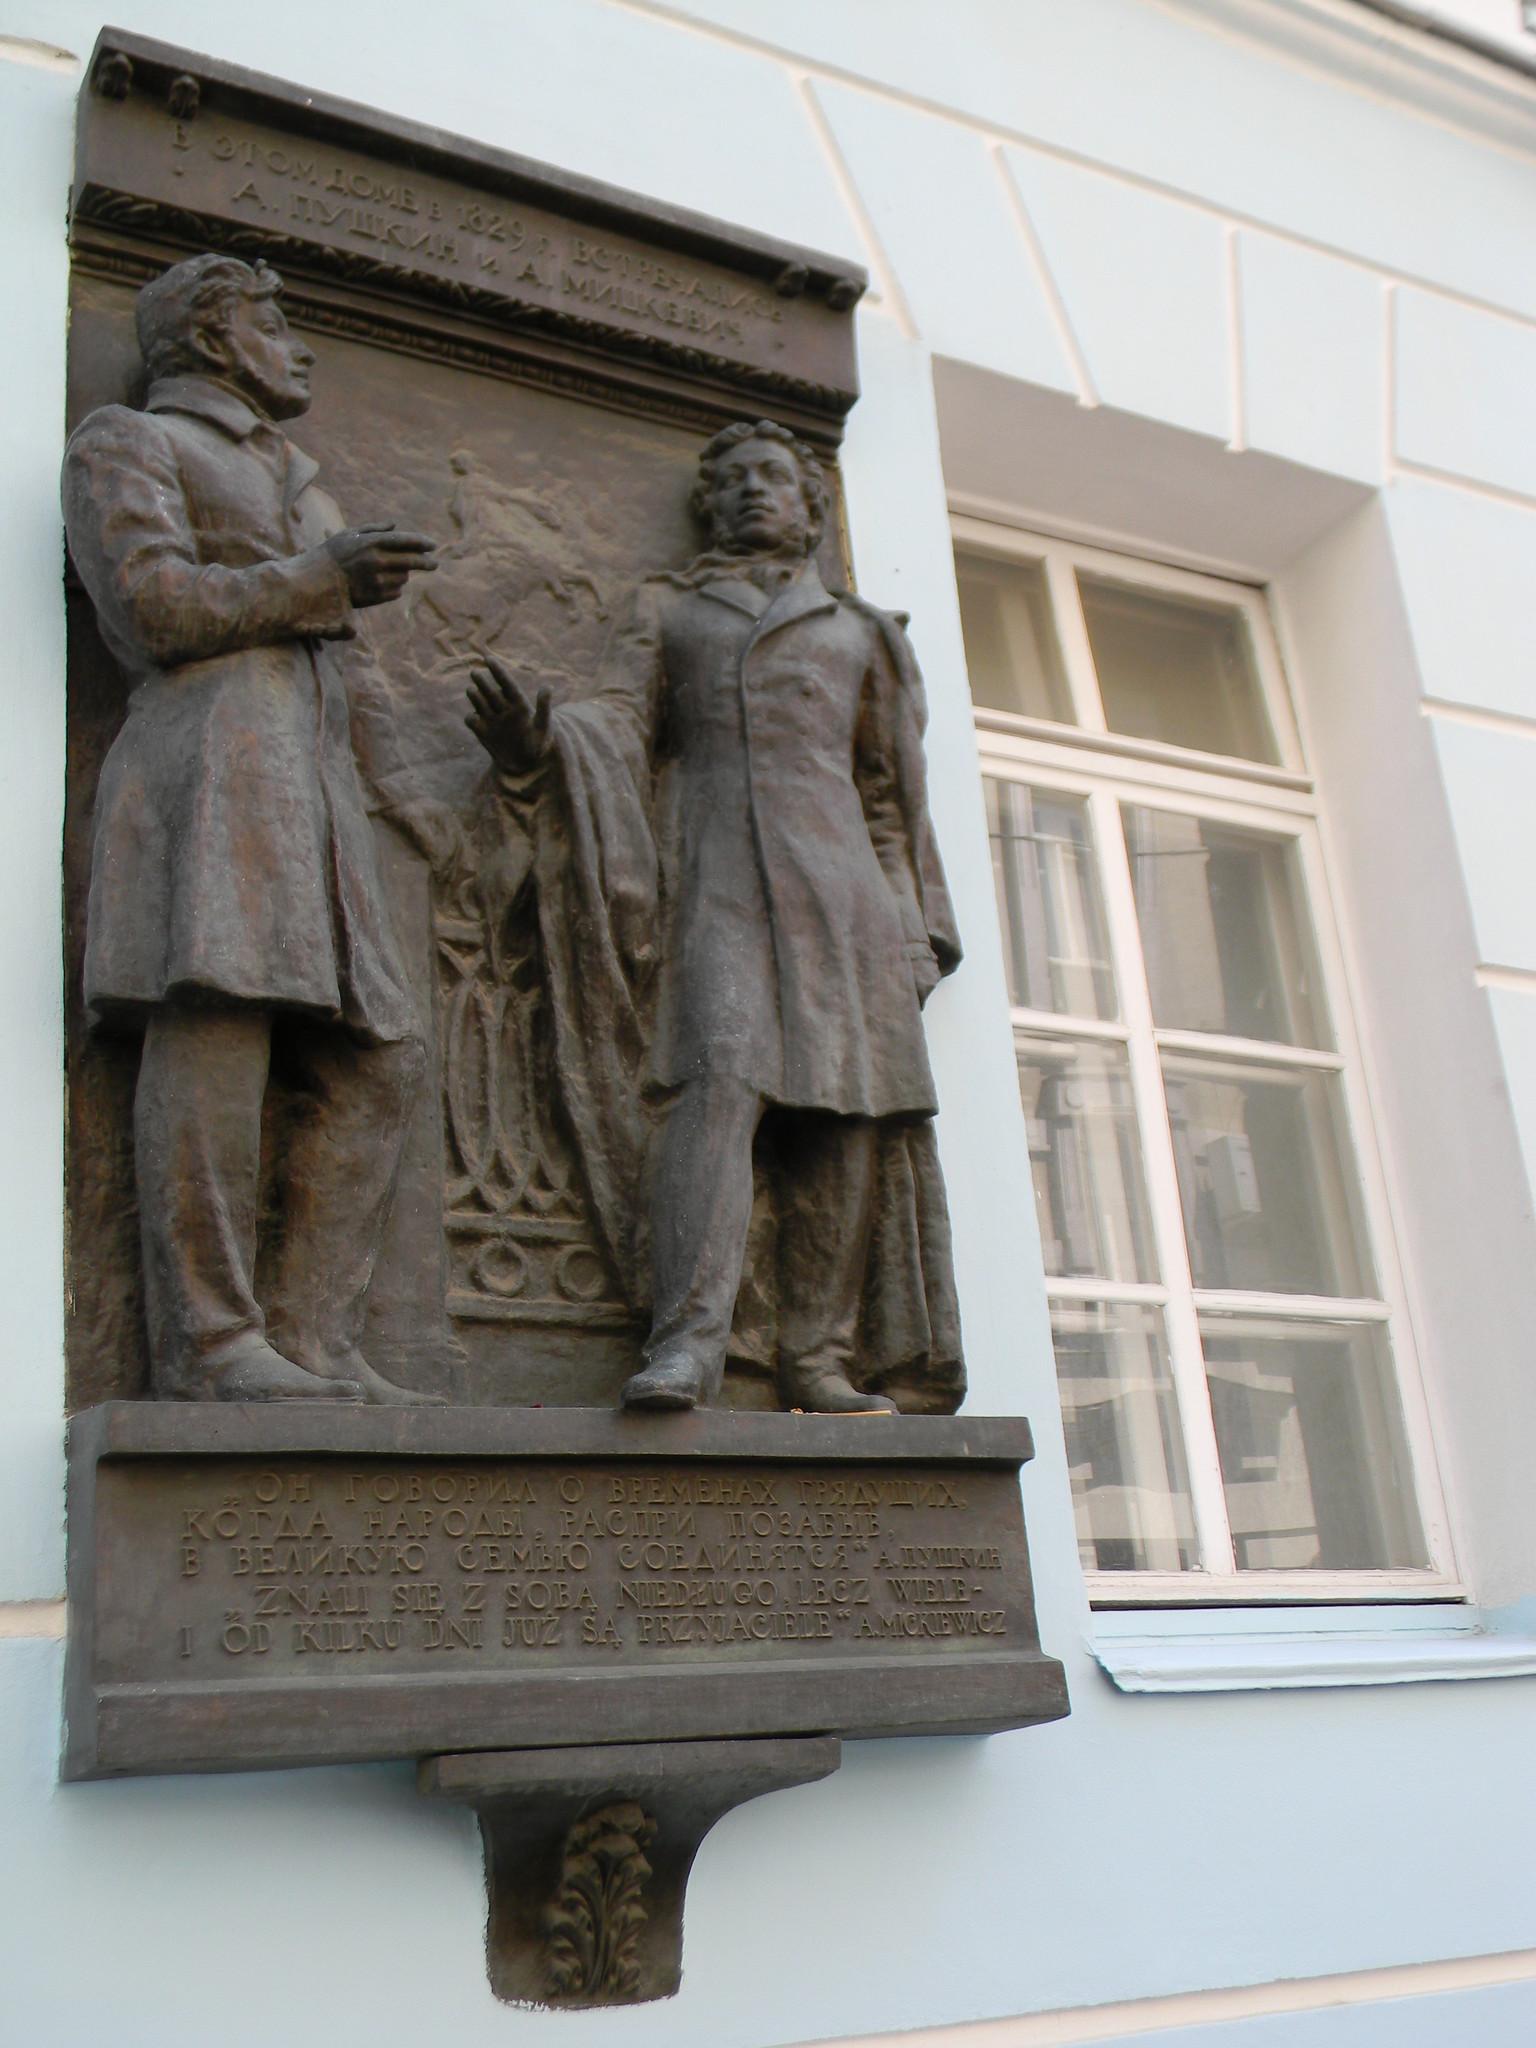 Мемориальная доска-горельеф М.И. Мильбергера с надписью: «В этом доме в 1829 году встречались А. Пушкин и А. Мицкевич» (Москва, Глинищевский переулок, дом 6)